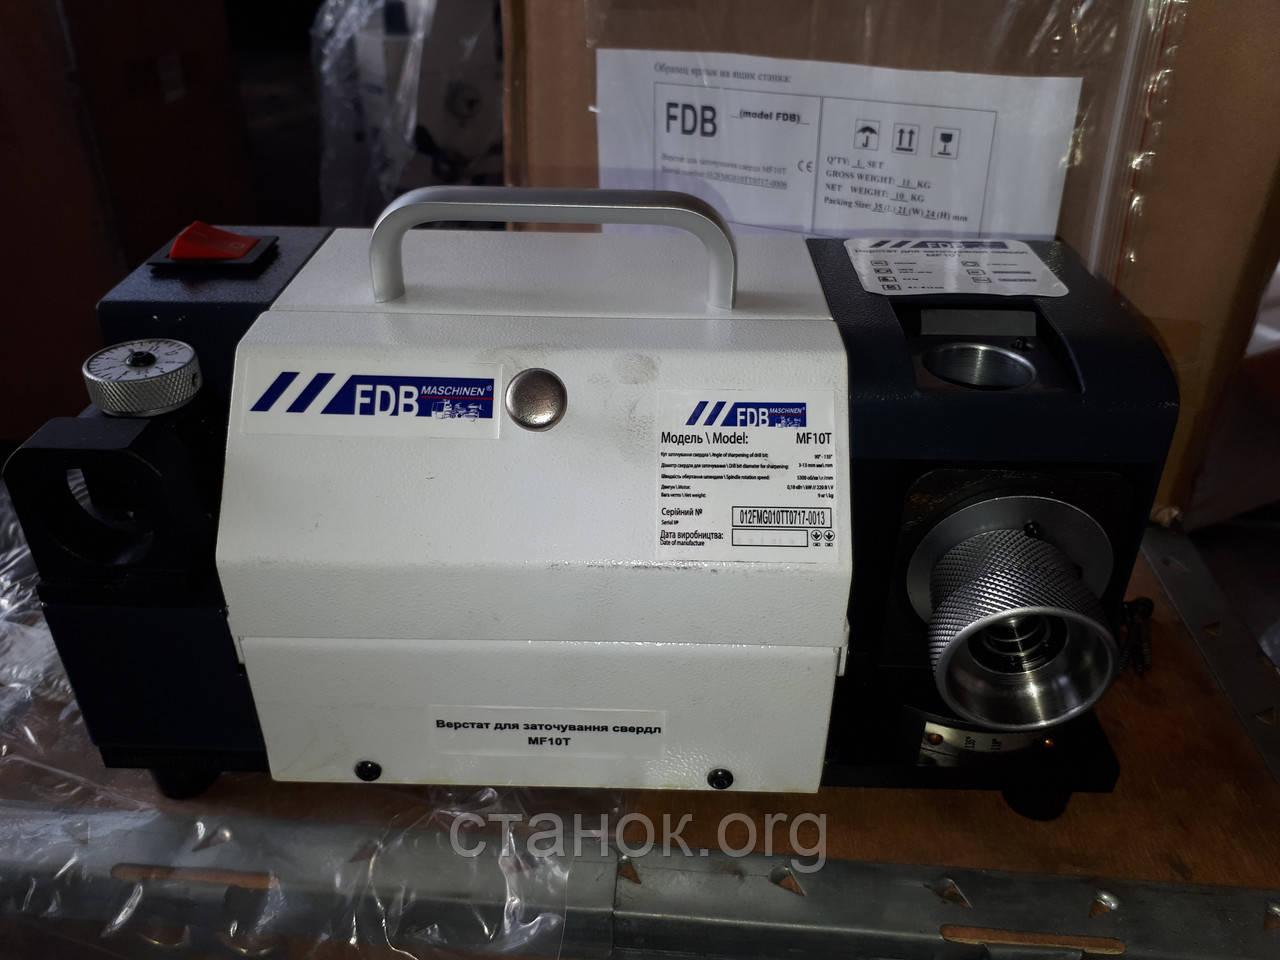 FDB Maschinen MF 10 T заточной станок для сверел фдб мф 10 т машинен верстак